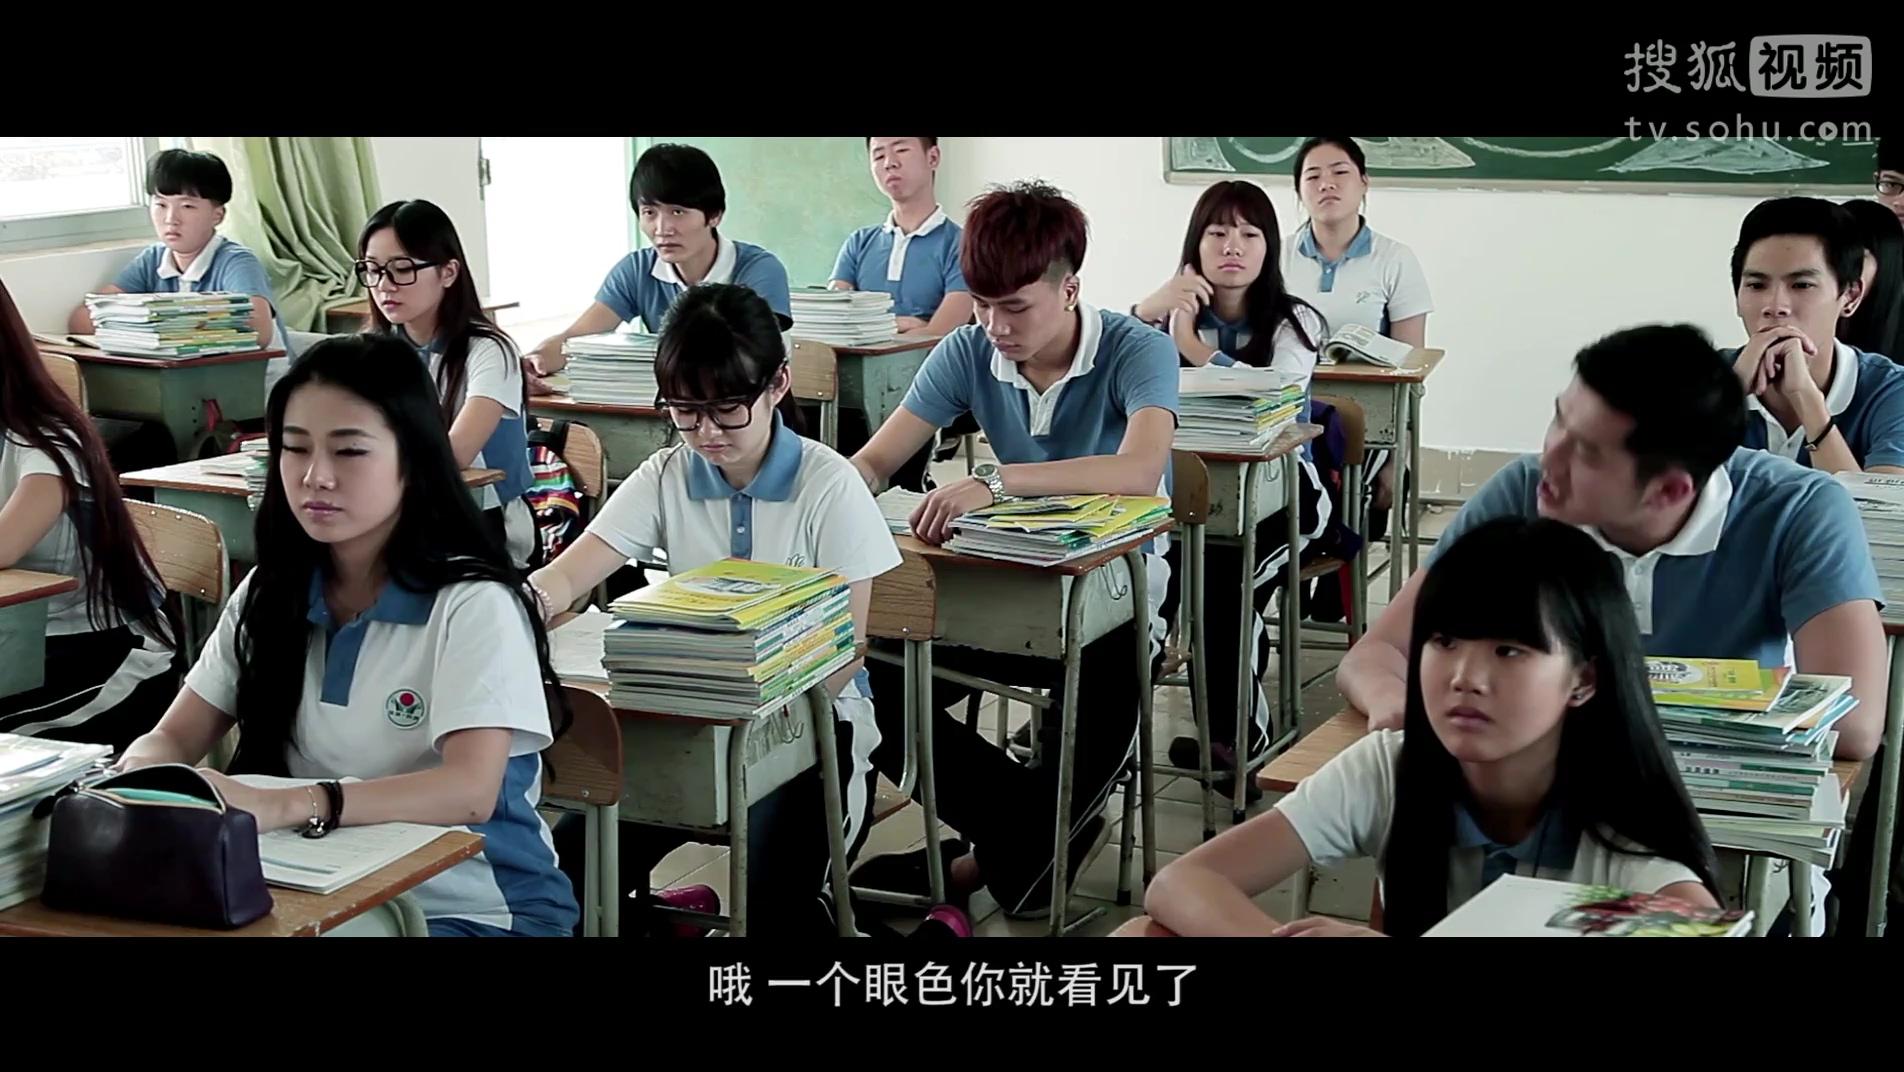 学生爱上美女老师